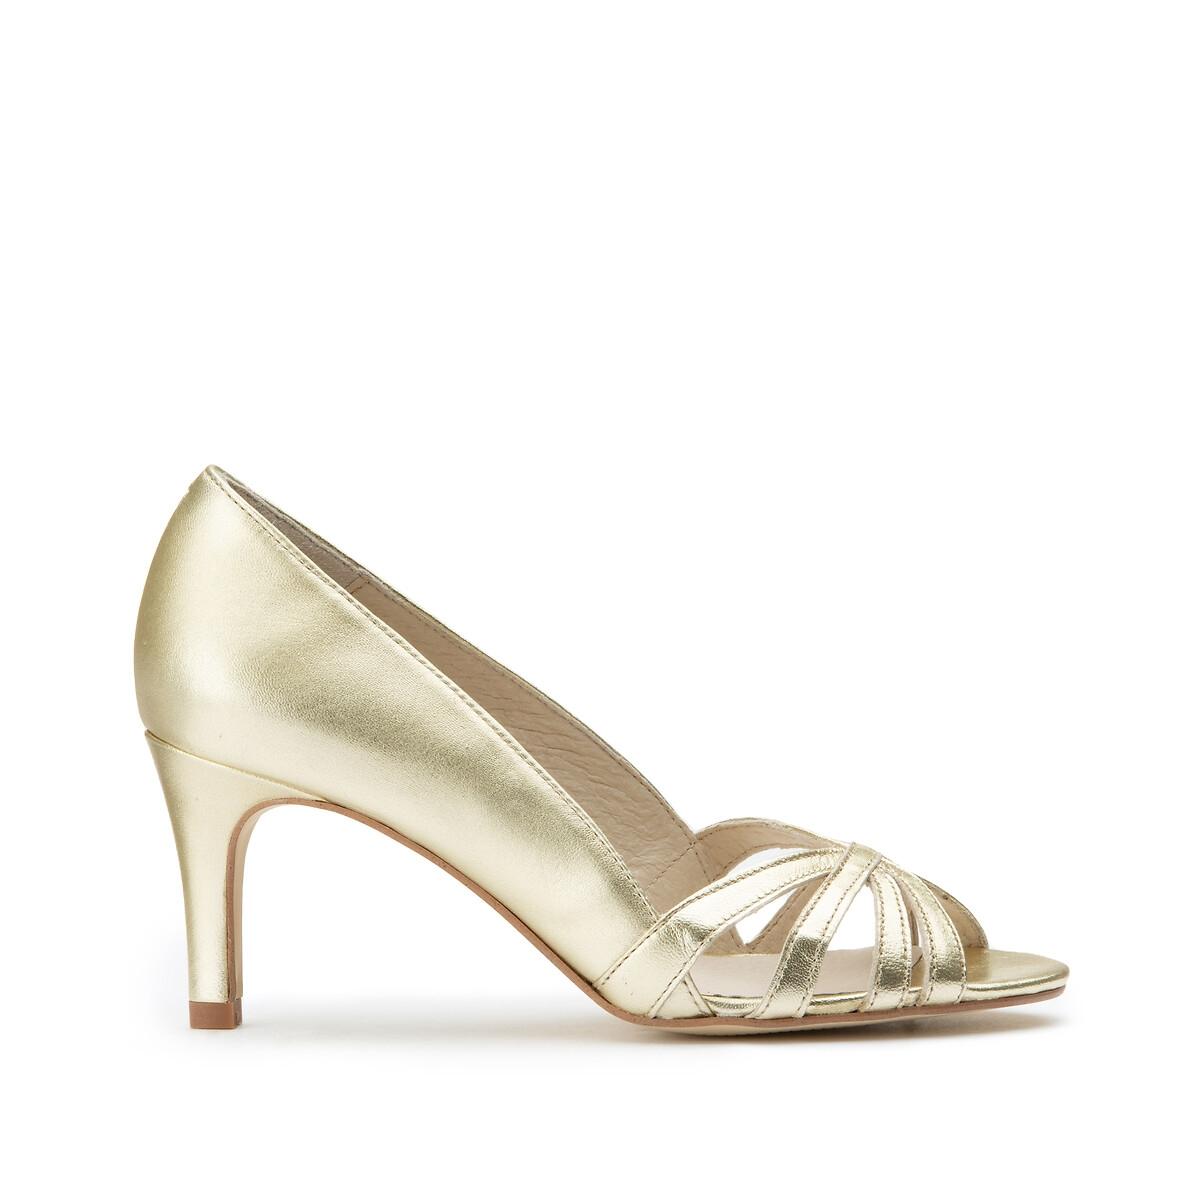 Туфли La Redoute Кожаные с металлическим блеском с открытым мыском на высоком каблуке 39 золотистый туфли la redoute кожаные с открытым мыском и деталями золотистого цвета 41 черный